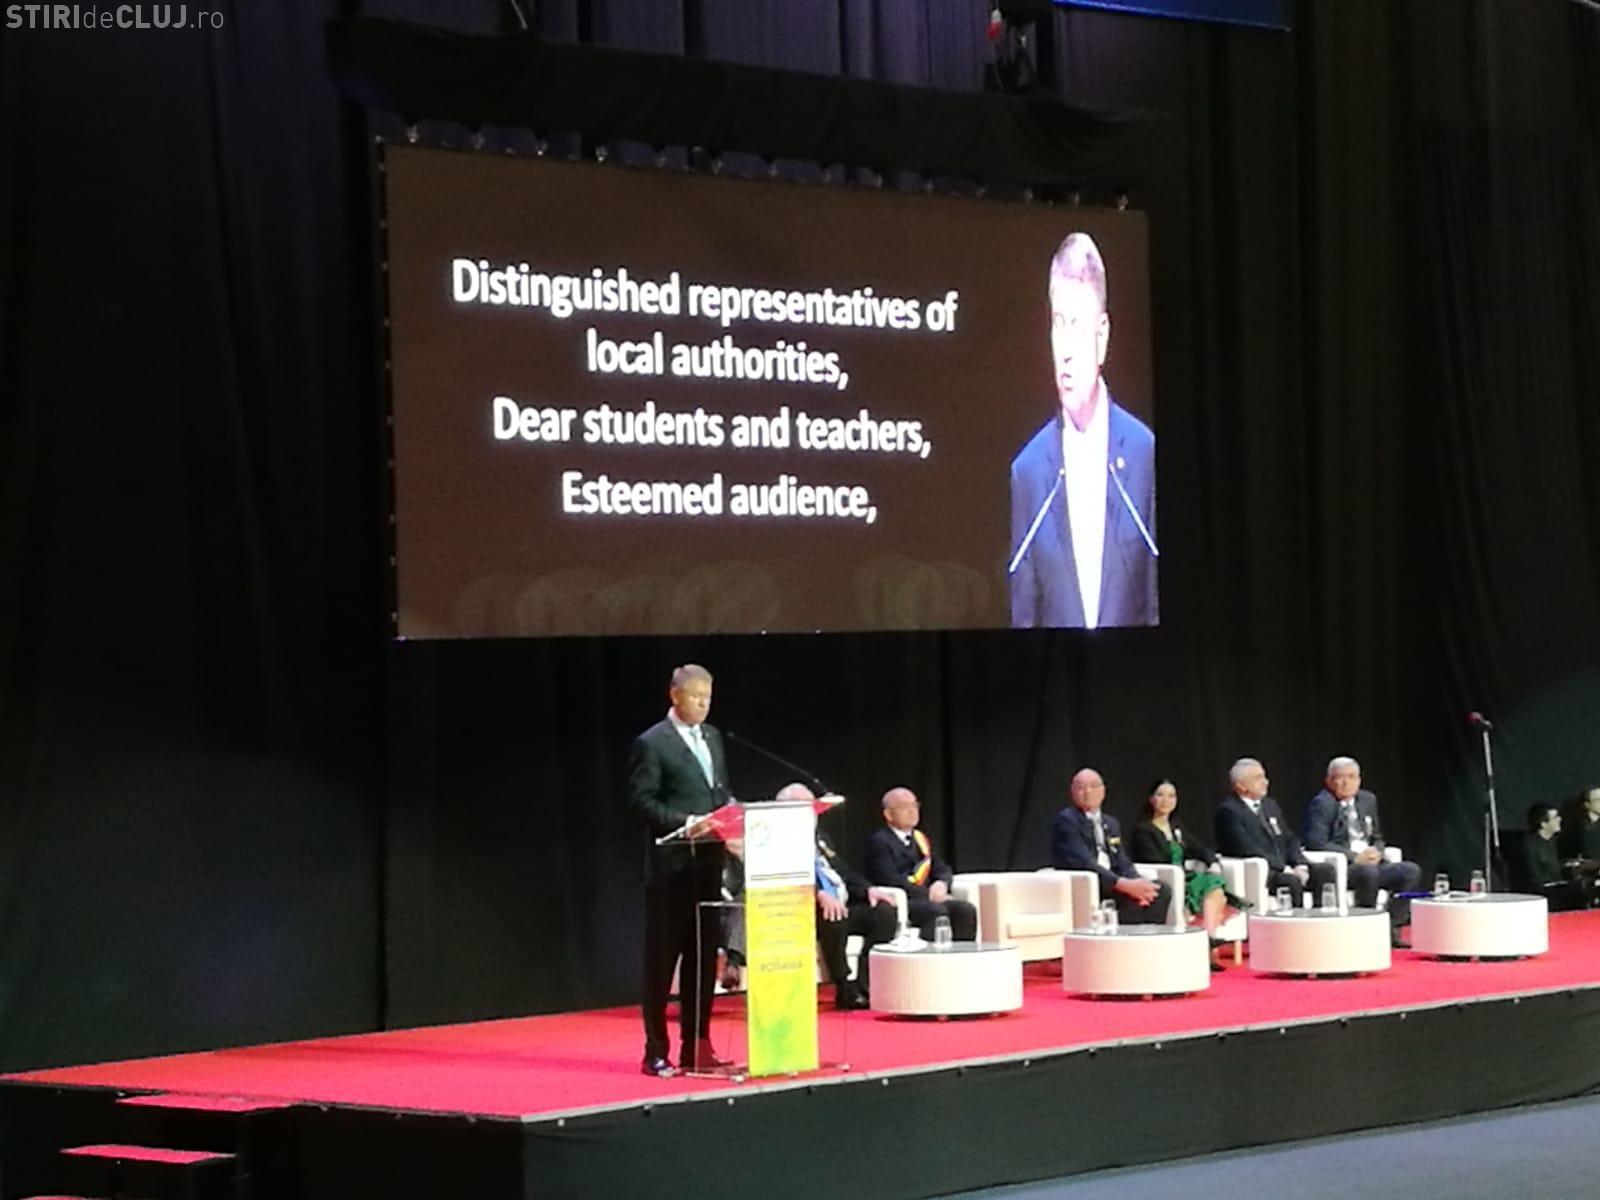 Mesajul lui Klaus Iohannis la deschiderea Olimpiadei Internaționale de Matematică de la Cluj